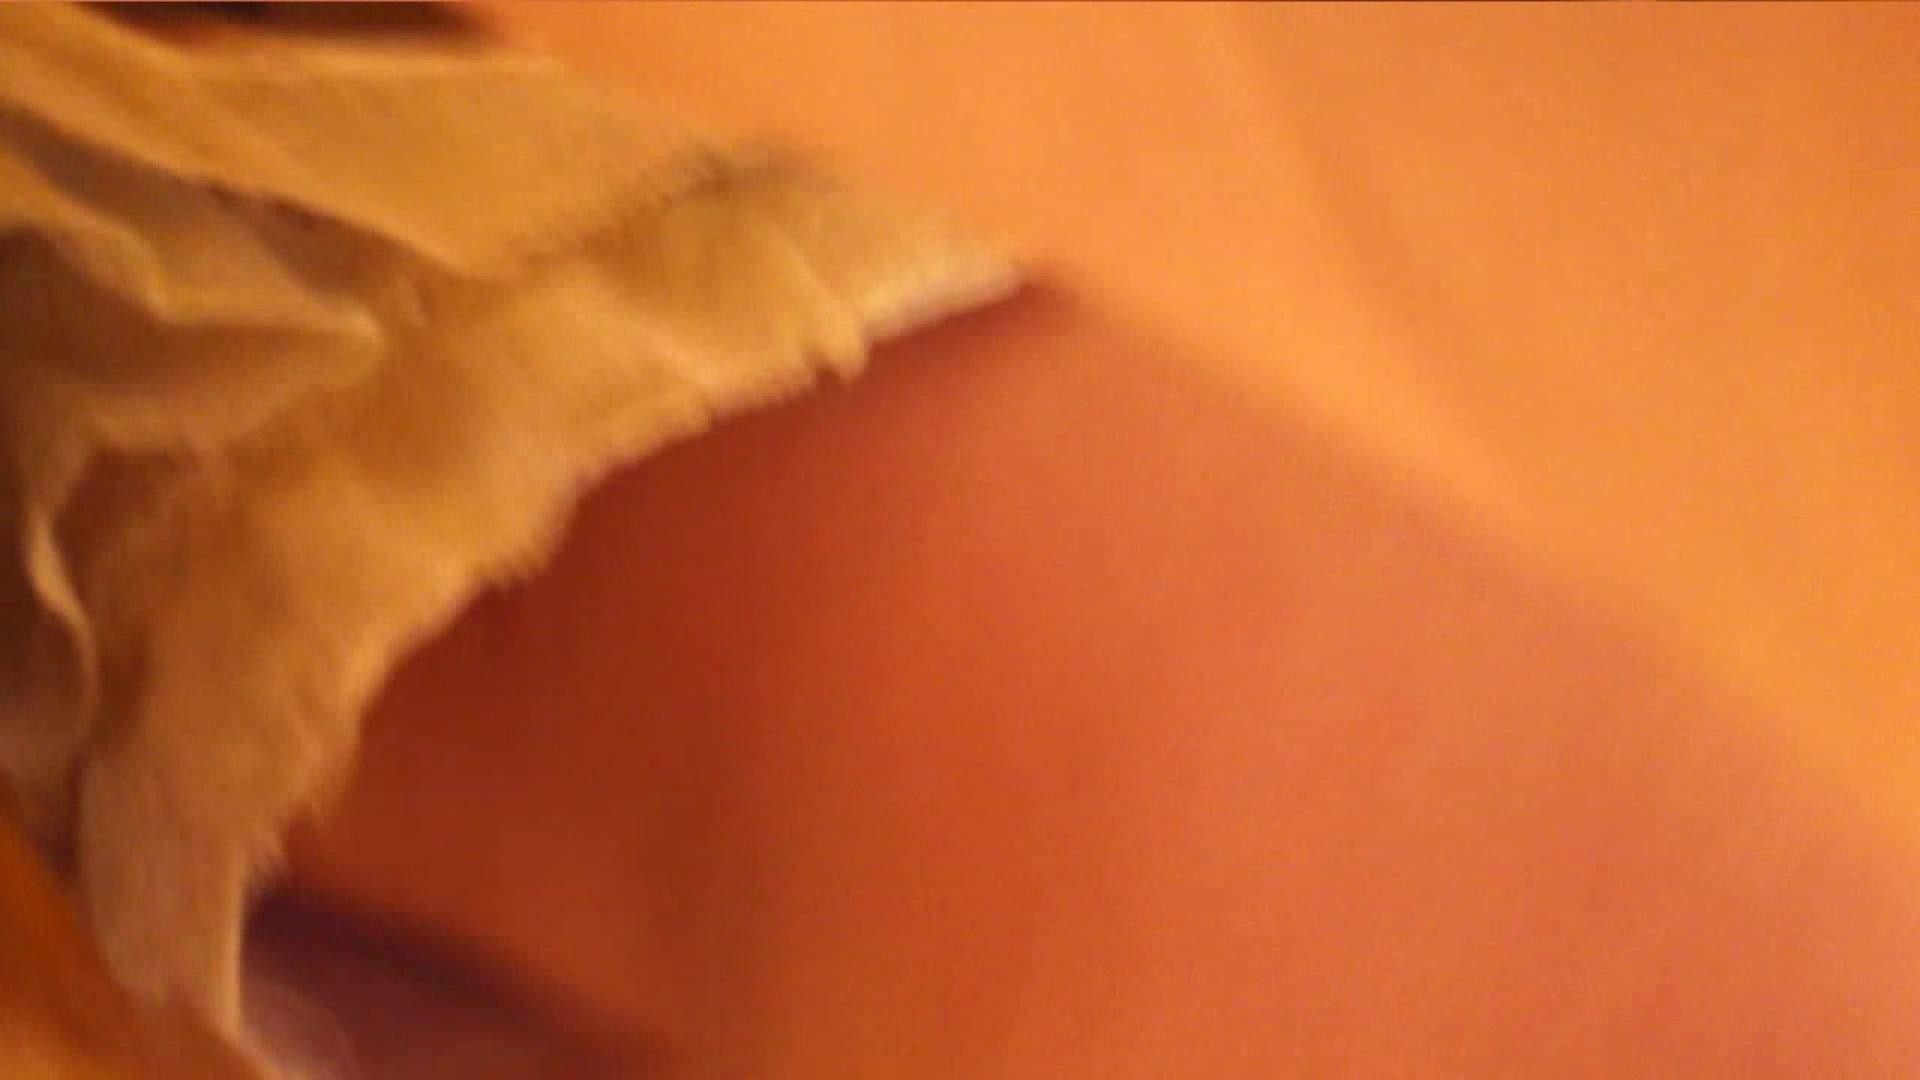 可愛いカリスマ店員限定‼胸チラ&パンチラ vol.25 胸チラ 盗み撮りAV無料動画キャプチャ 68連発 14